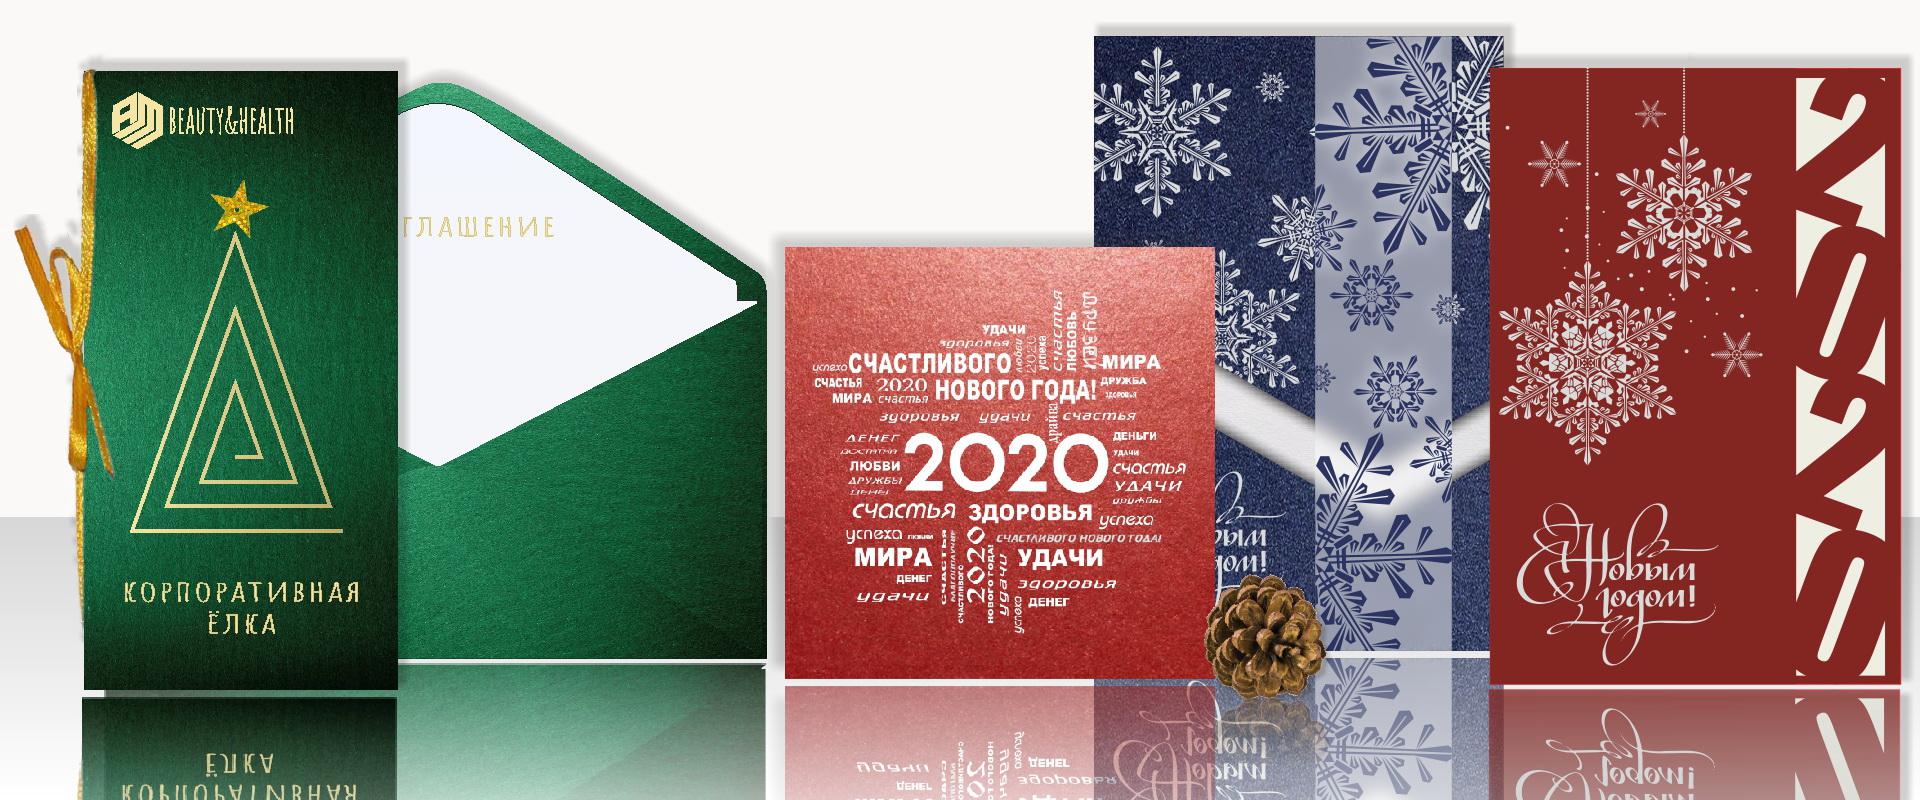 Корпоративные поздравительные открытки 2020 на заказ